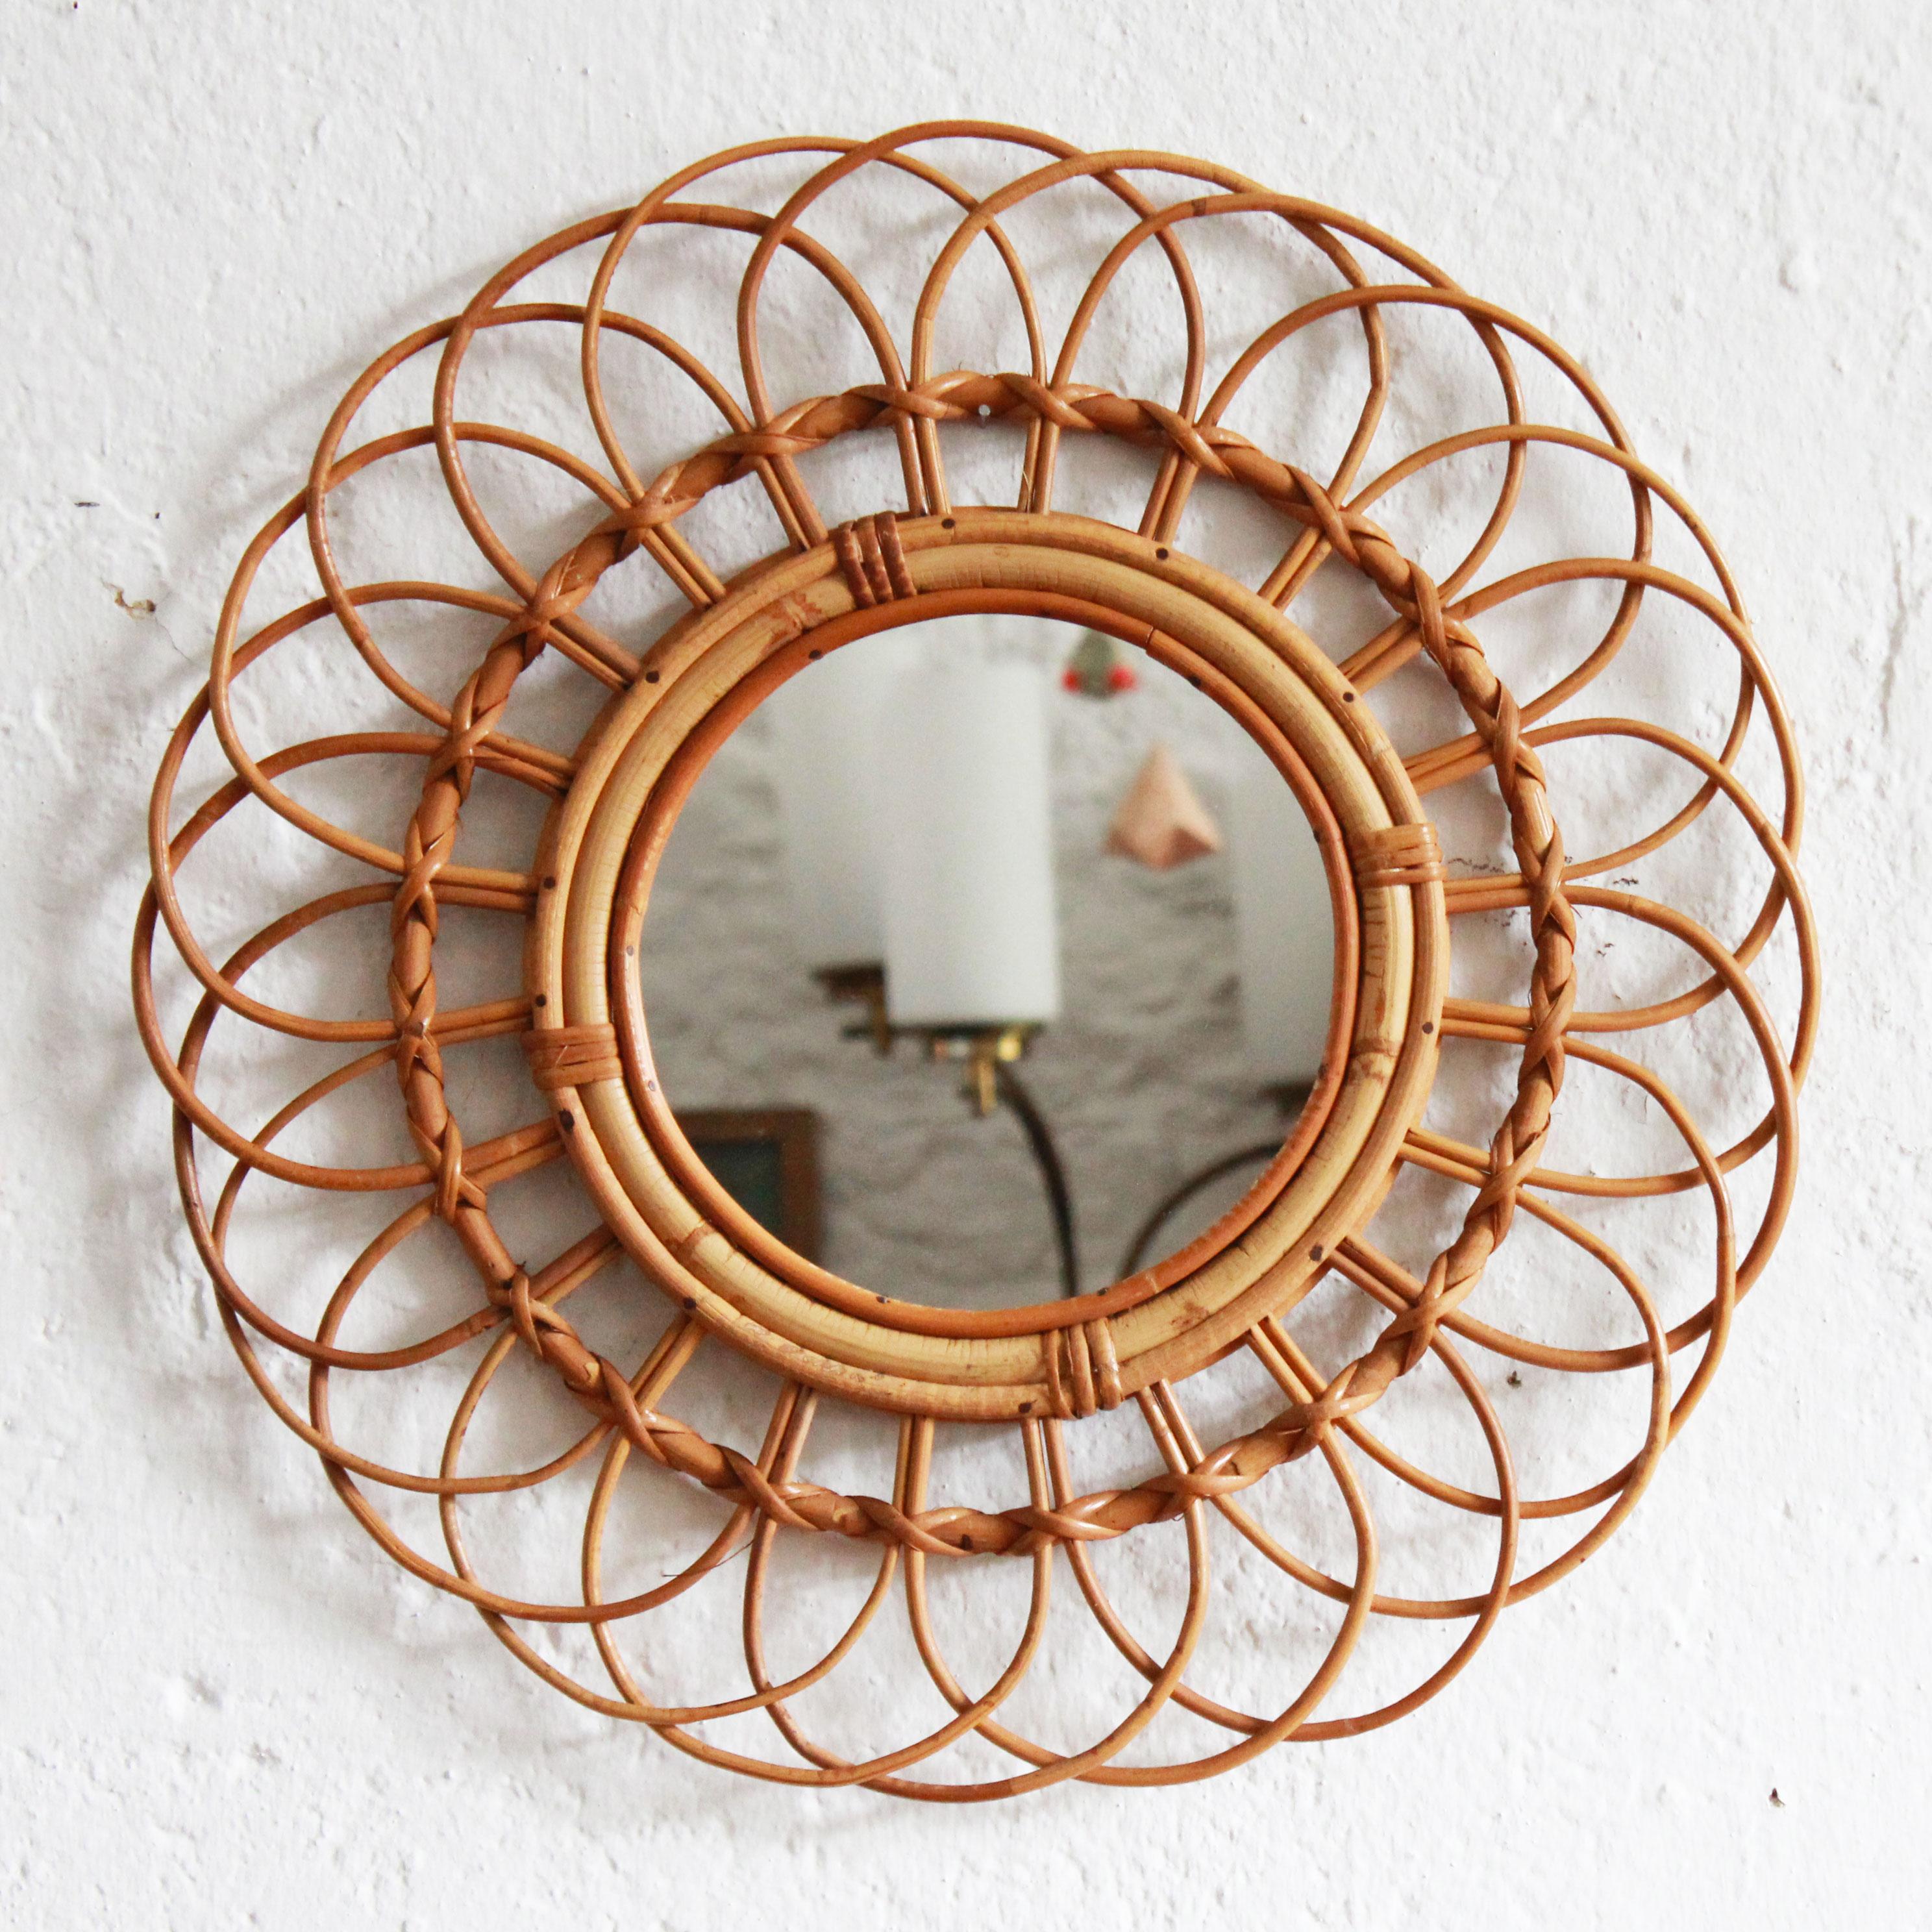 E493_Miroir-rotin-vintage-ancien-a